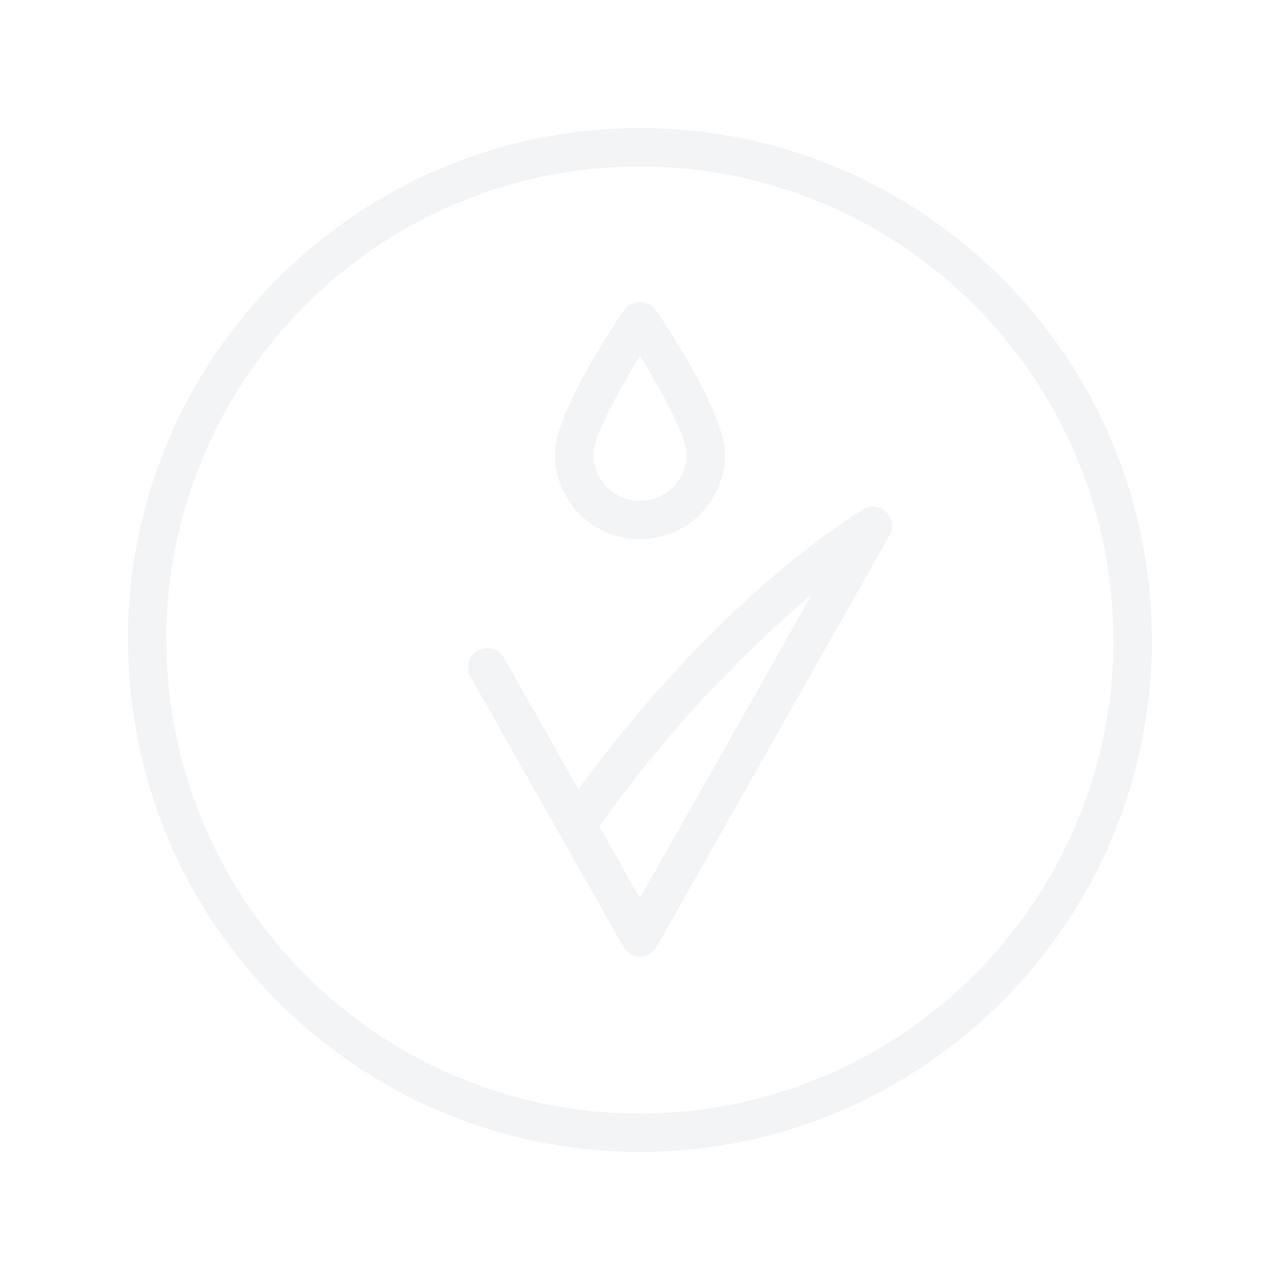 ELIZABETH ARDEN 5th Avenue 30ml Eau De Parfum Gift Set